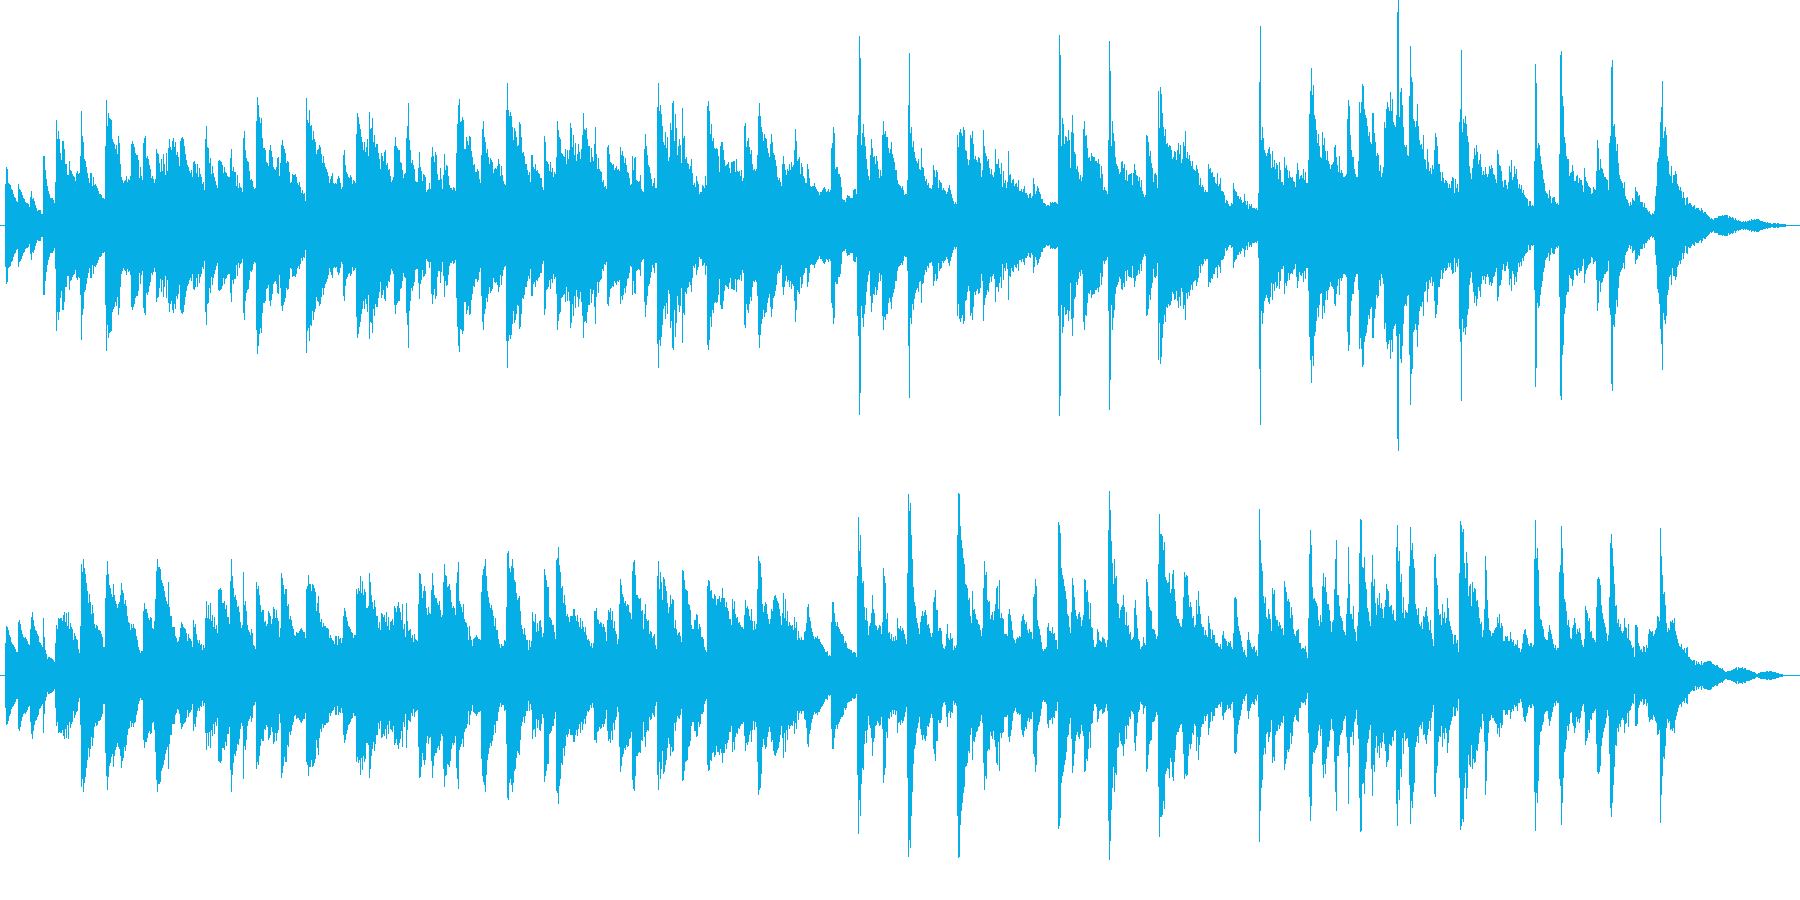 ピアノとギターによる懐かしいバラードの再生済みの波形